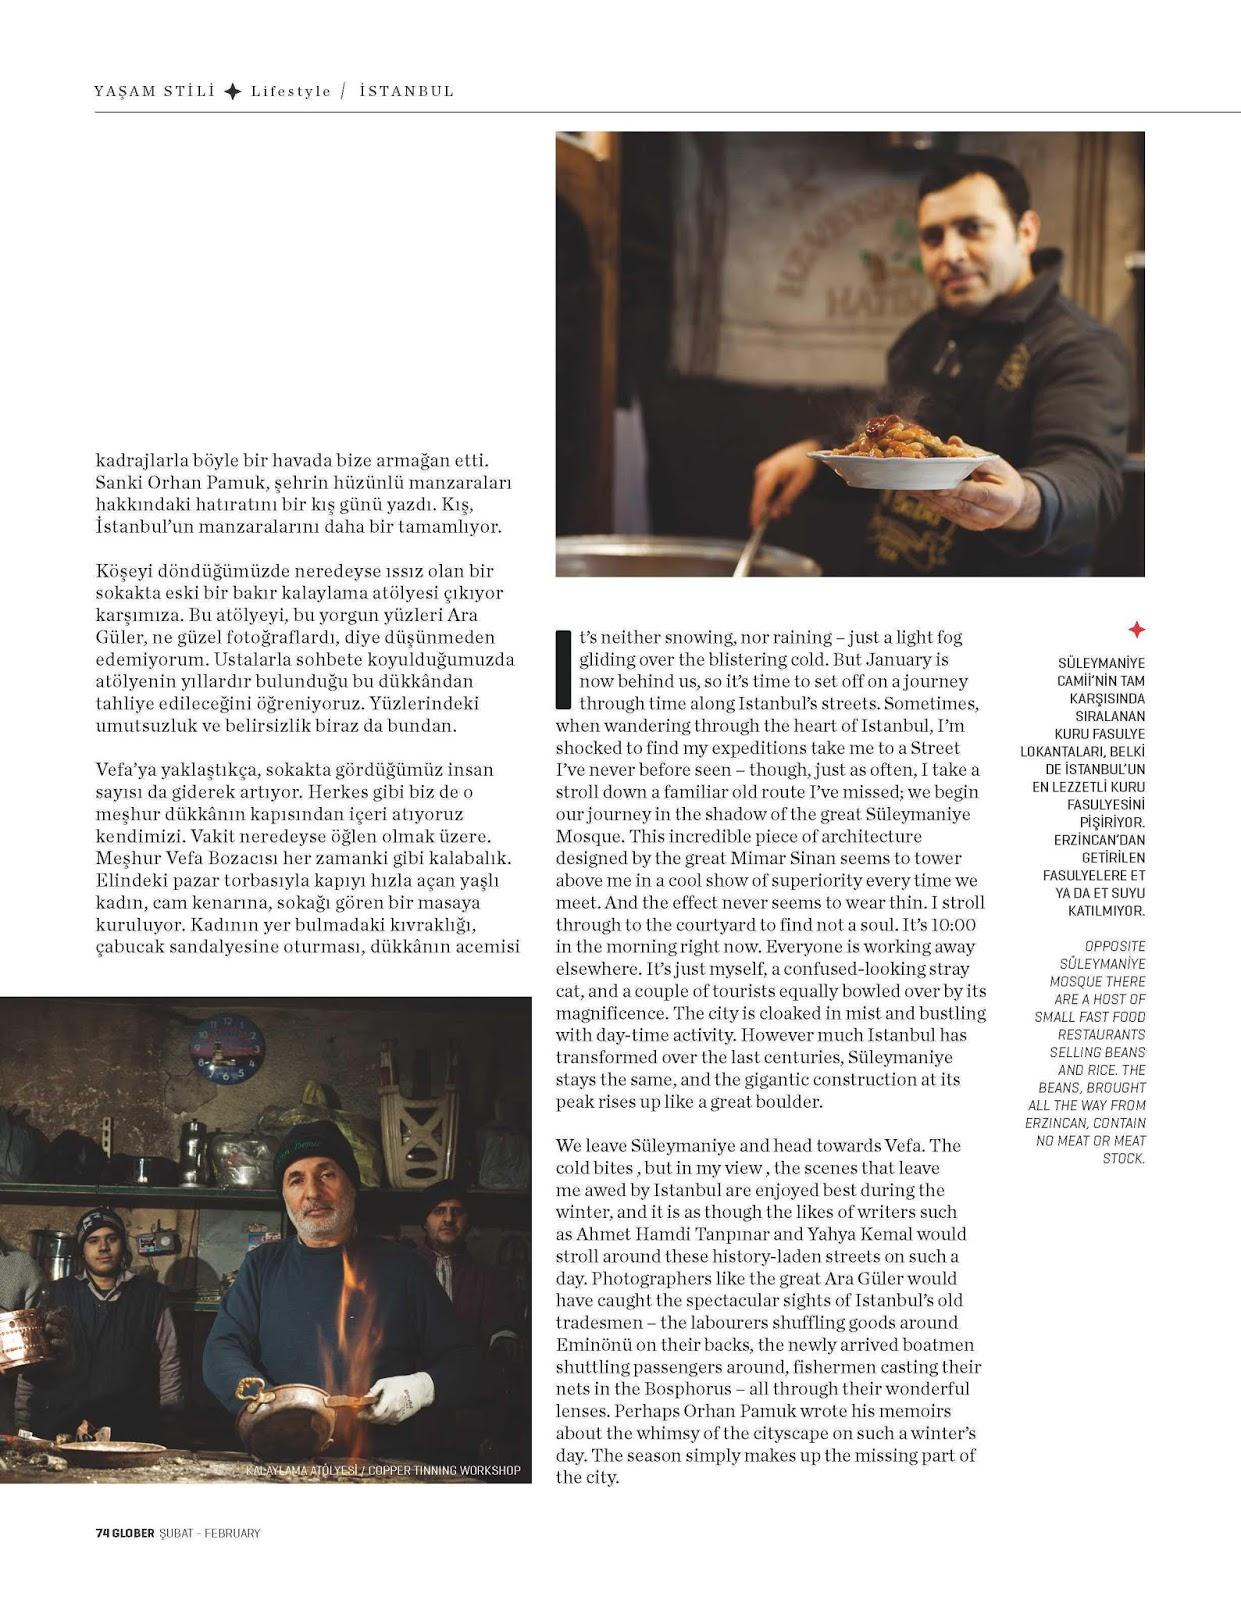 Gösteri yapan chanson Michael Zvezdinsky: biyografi ve yaratıcılık 66